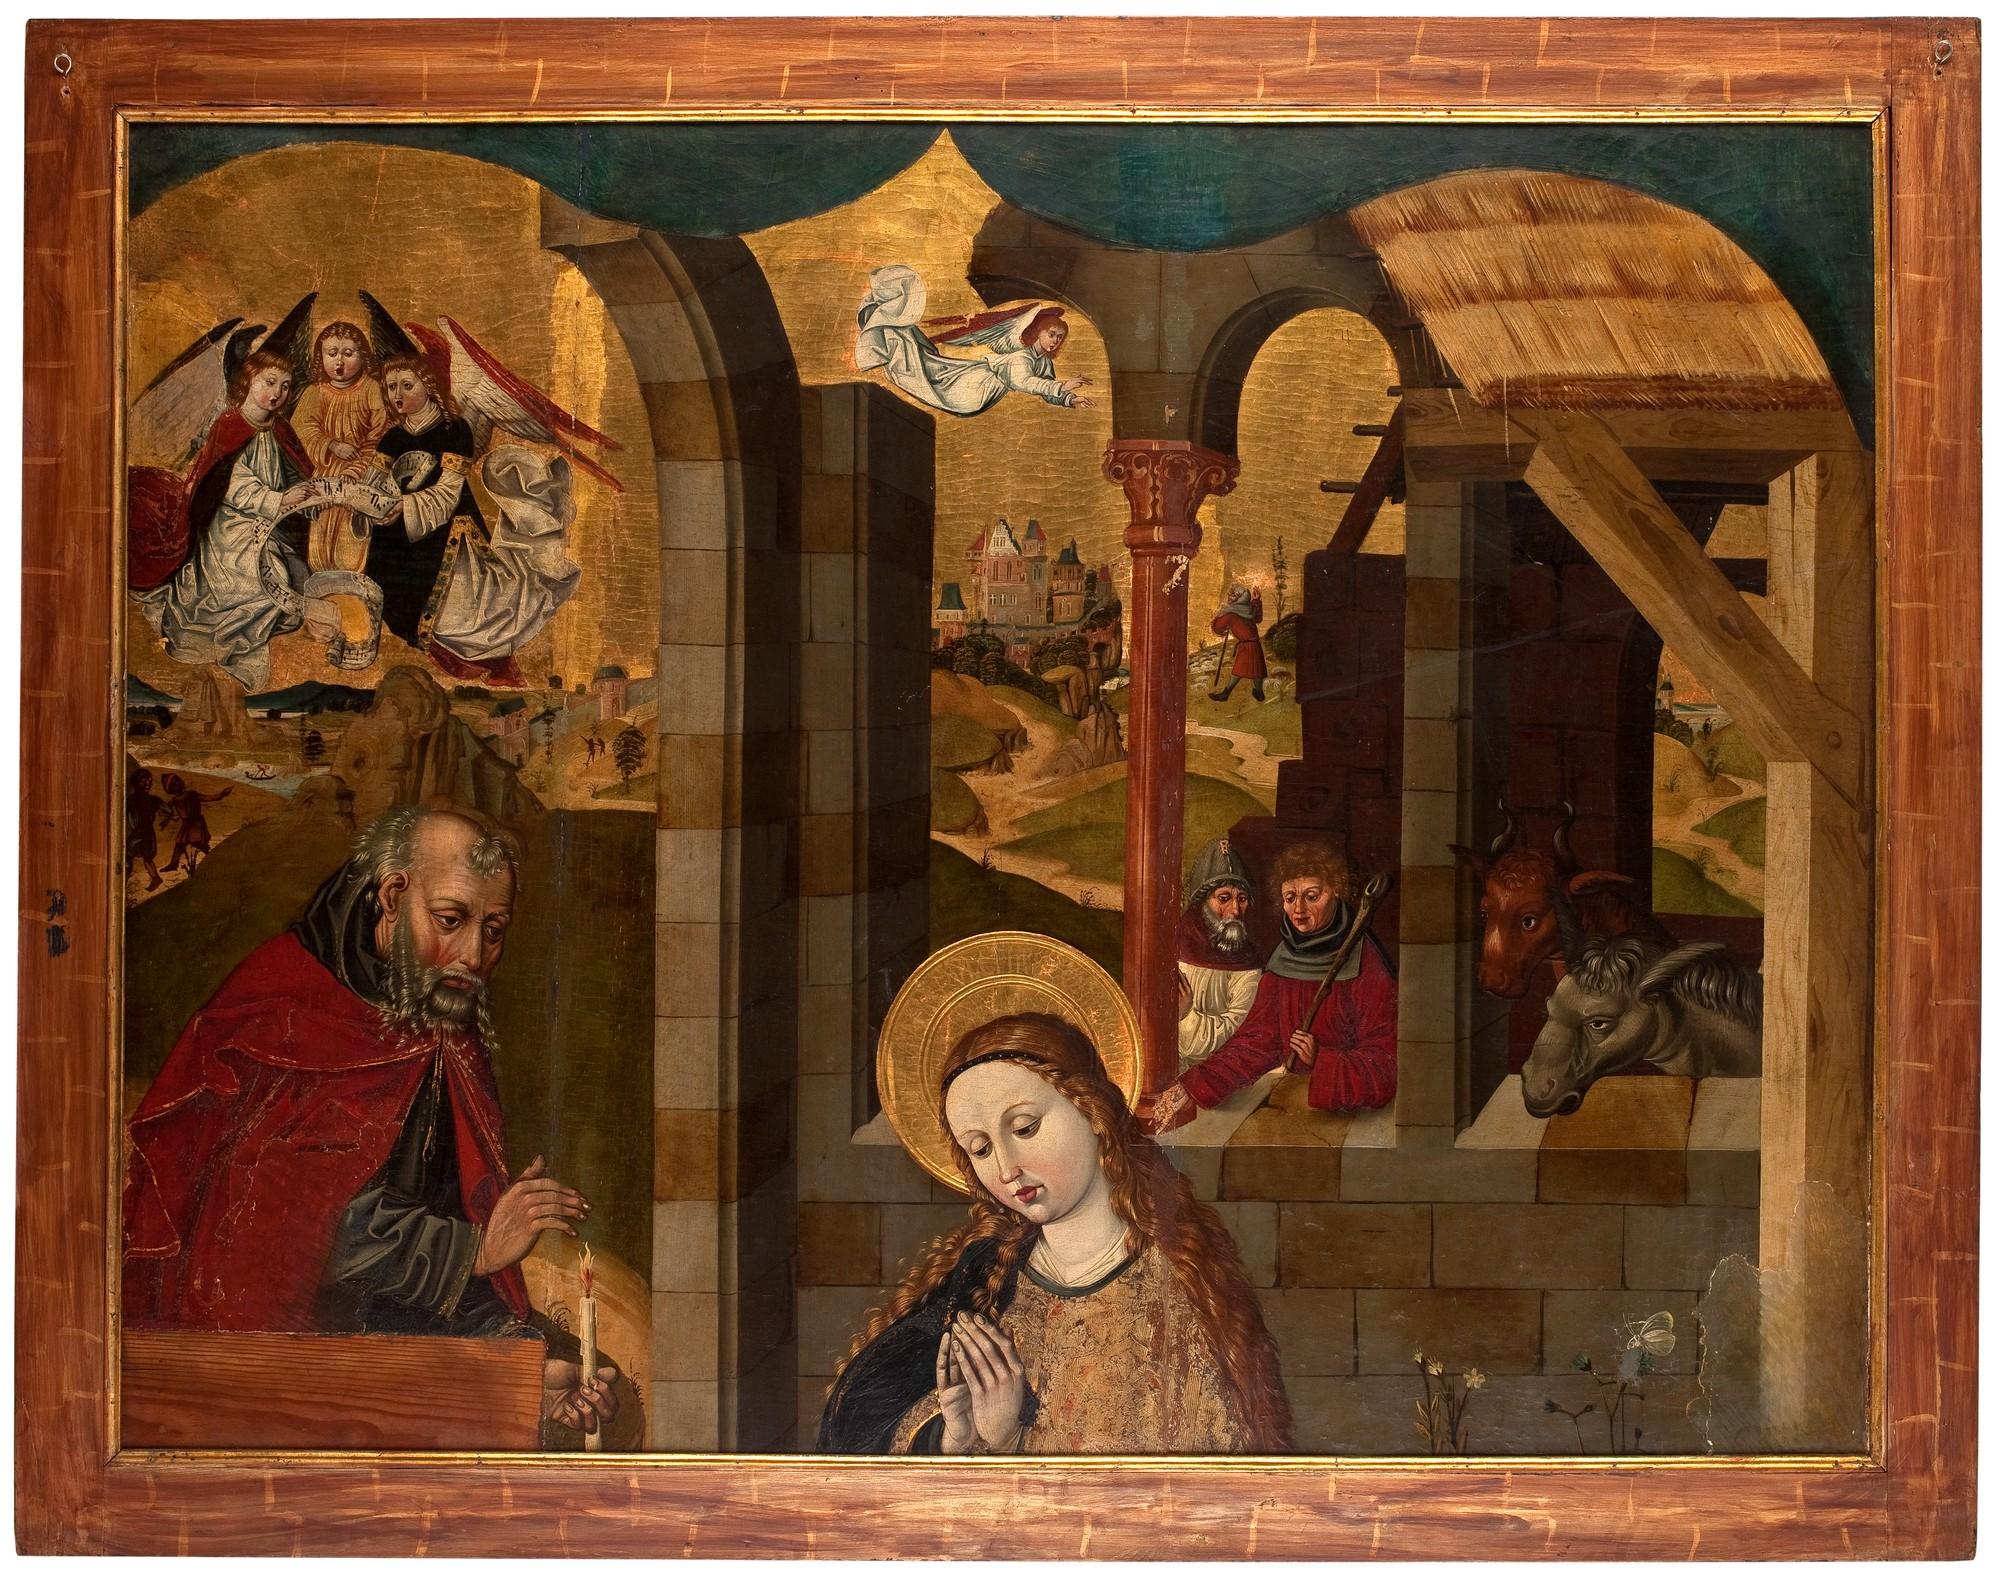 """Mistrz Lat 1486-1487, """"Adoracja Dzieciątka"""", fragment, 1487 r., Muzeum Narodowe we Wrocławiu (źródło: materiały prasowe organizatorów)"""